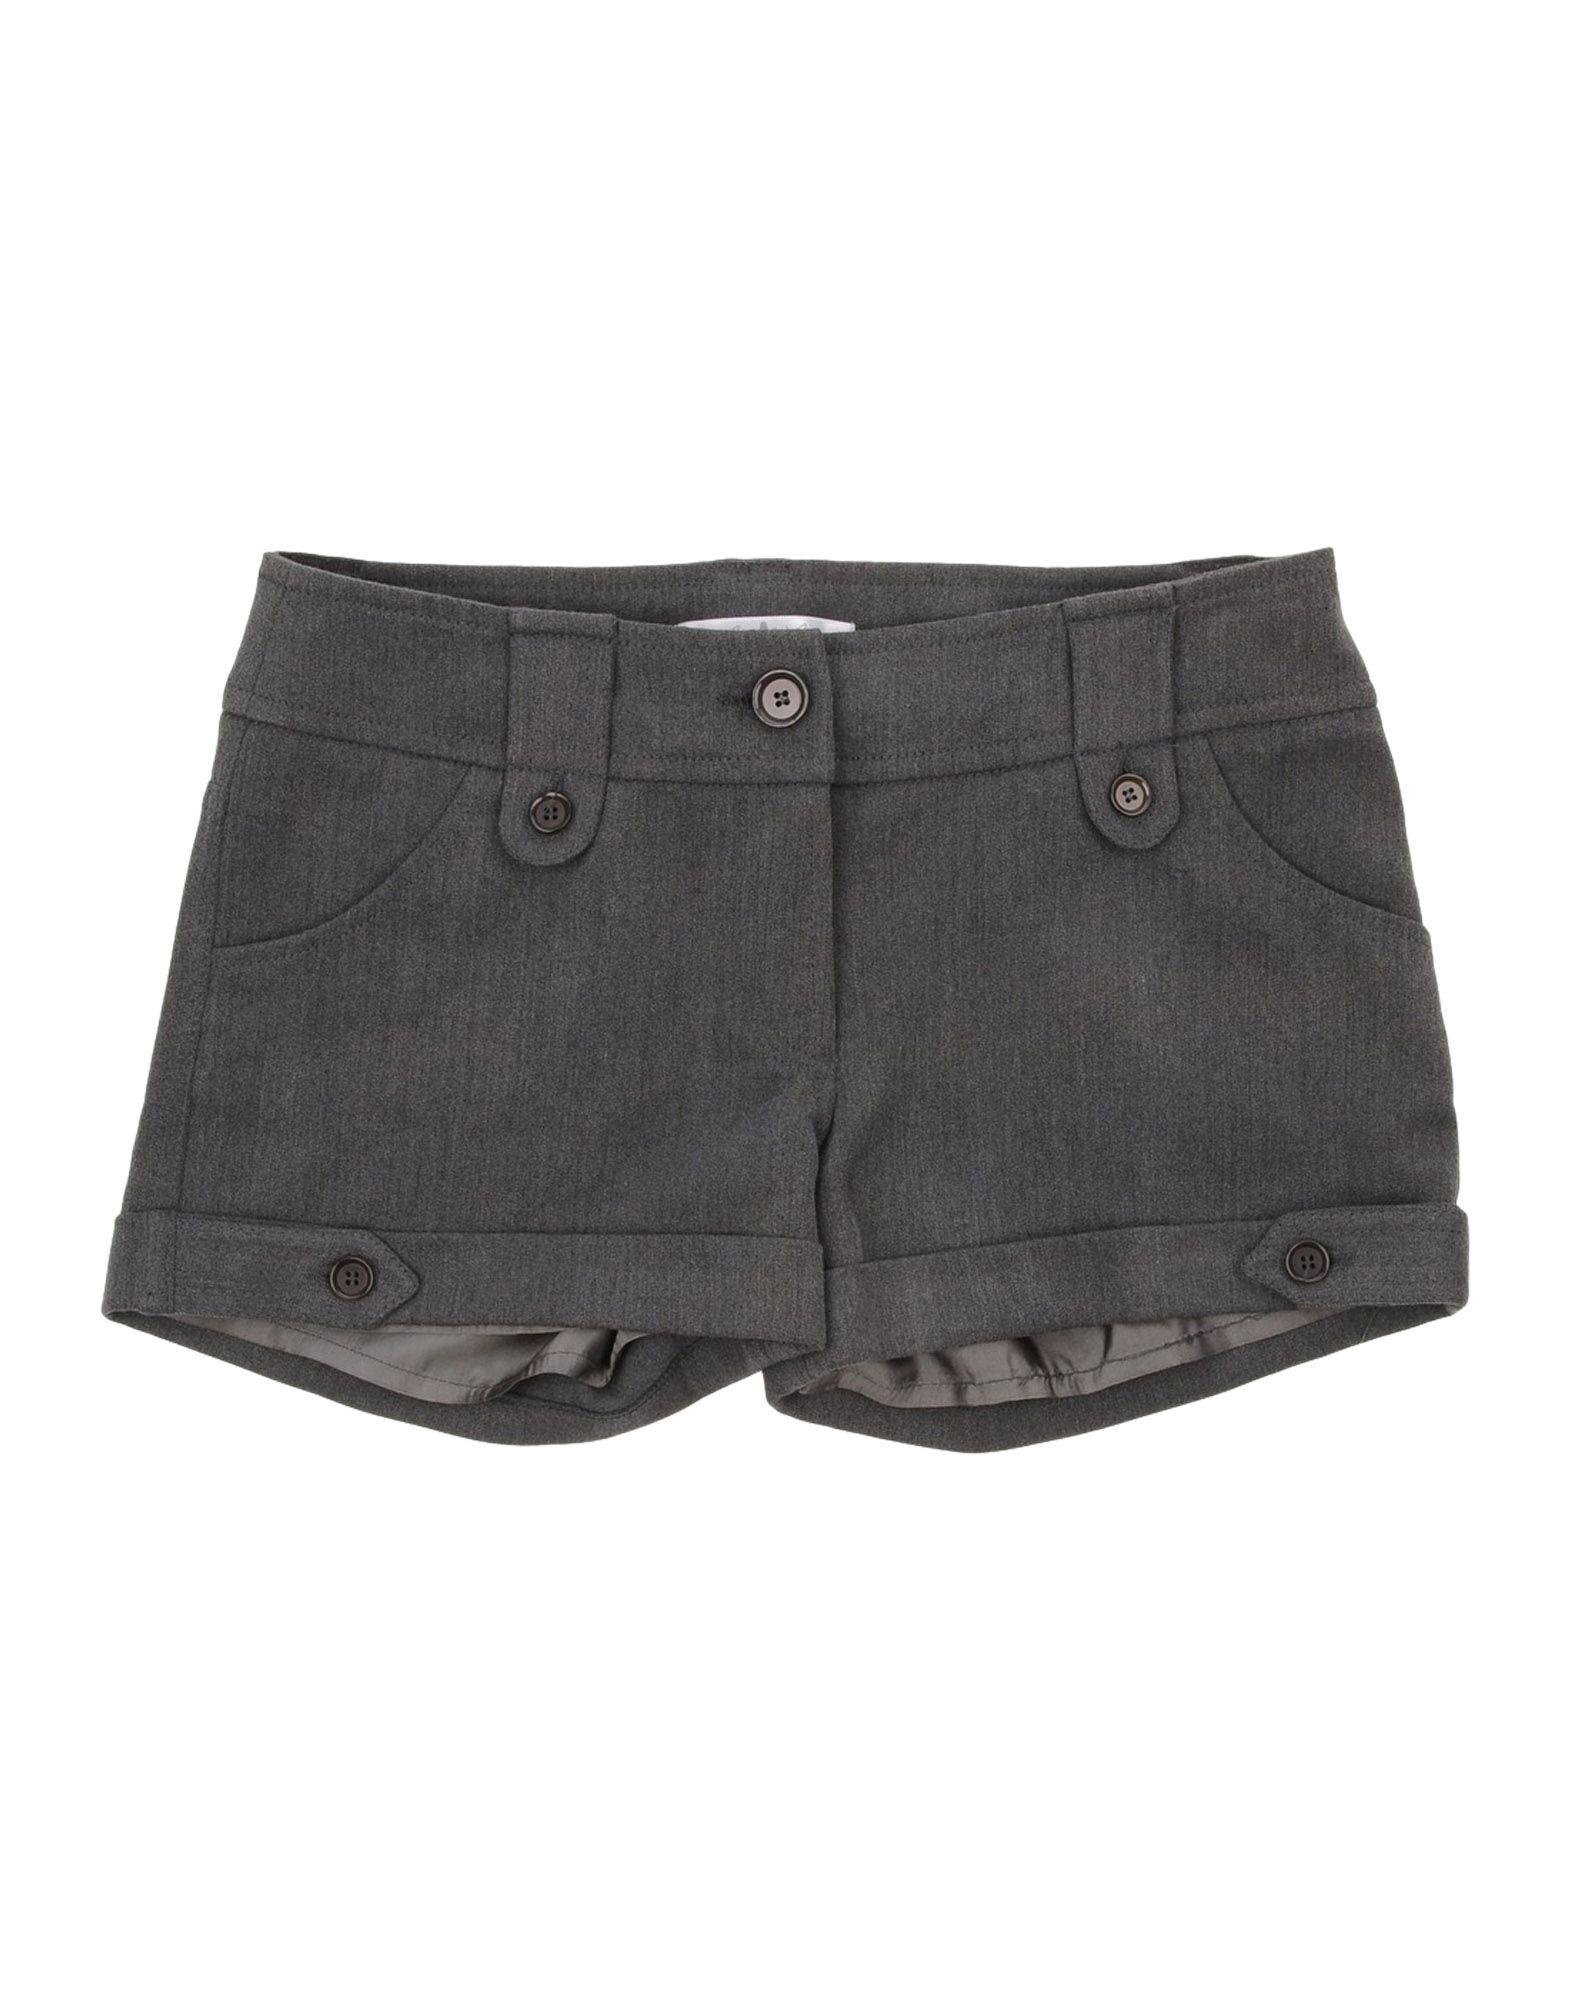 L:ú L:ú By Miss Grant Kids' Shorts In Gray